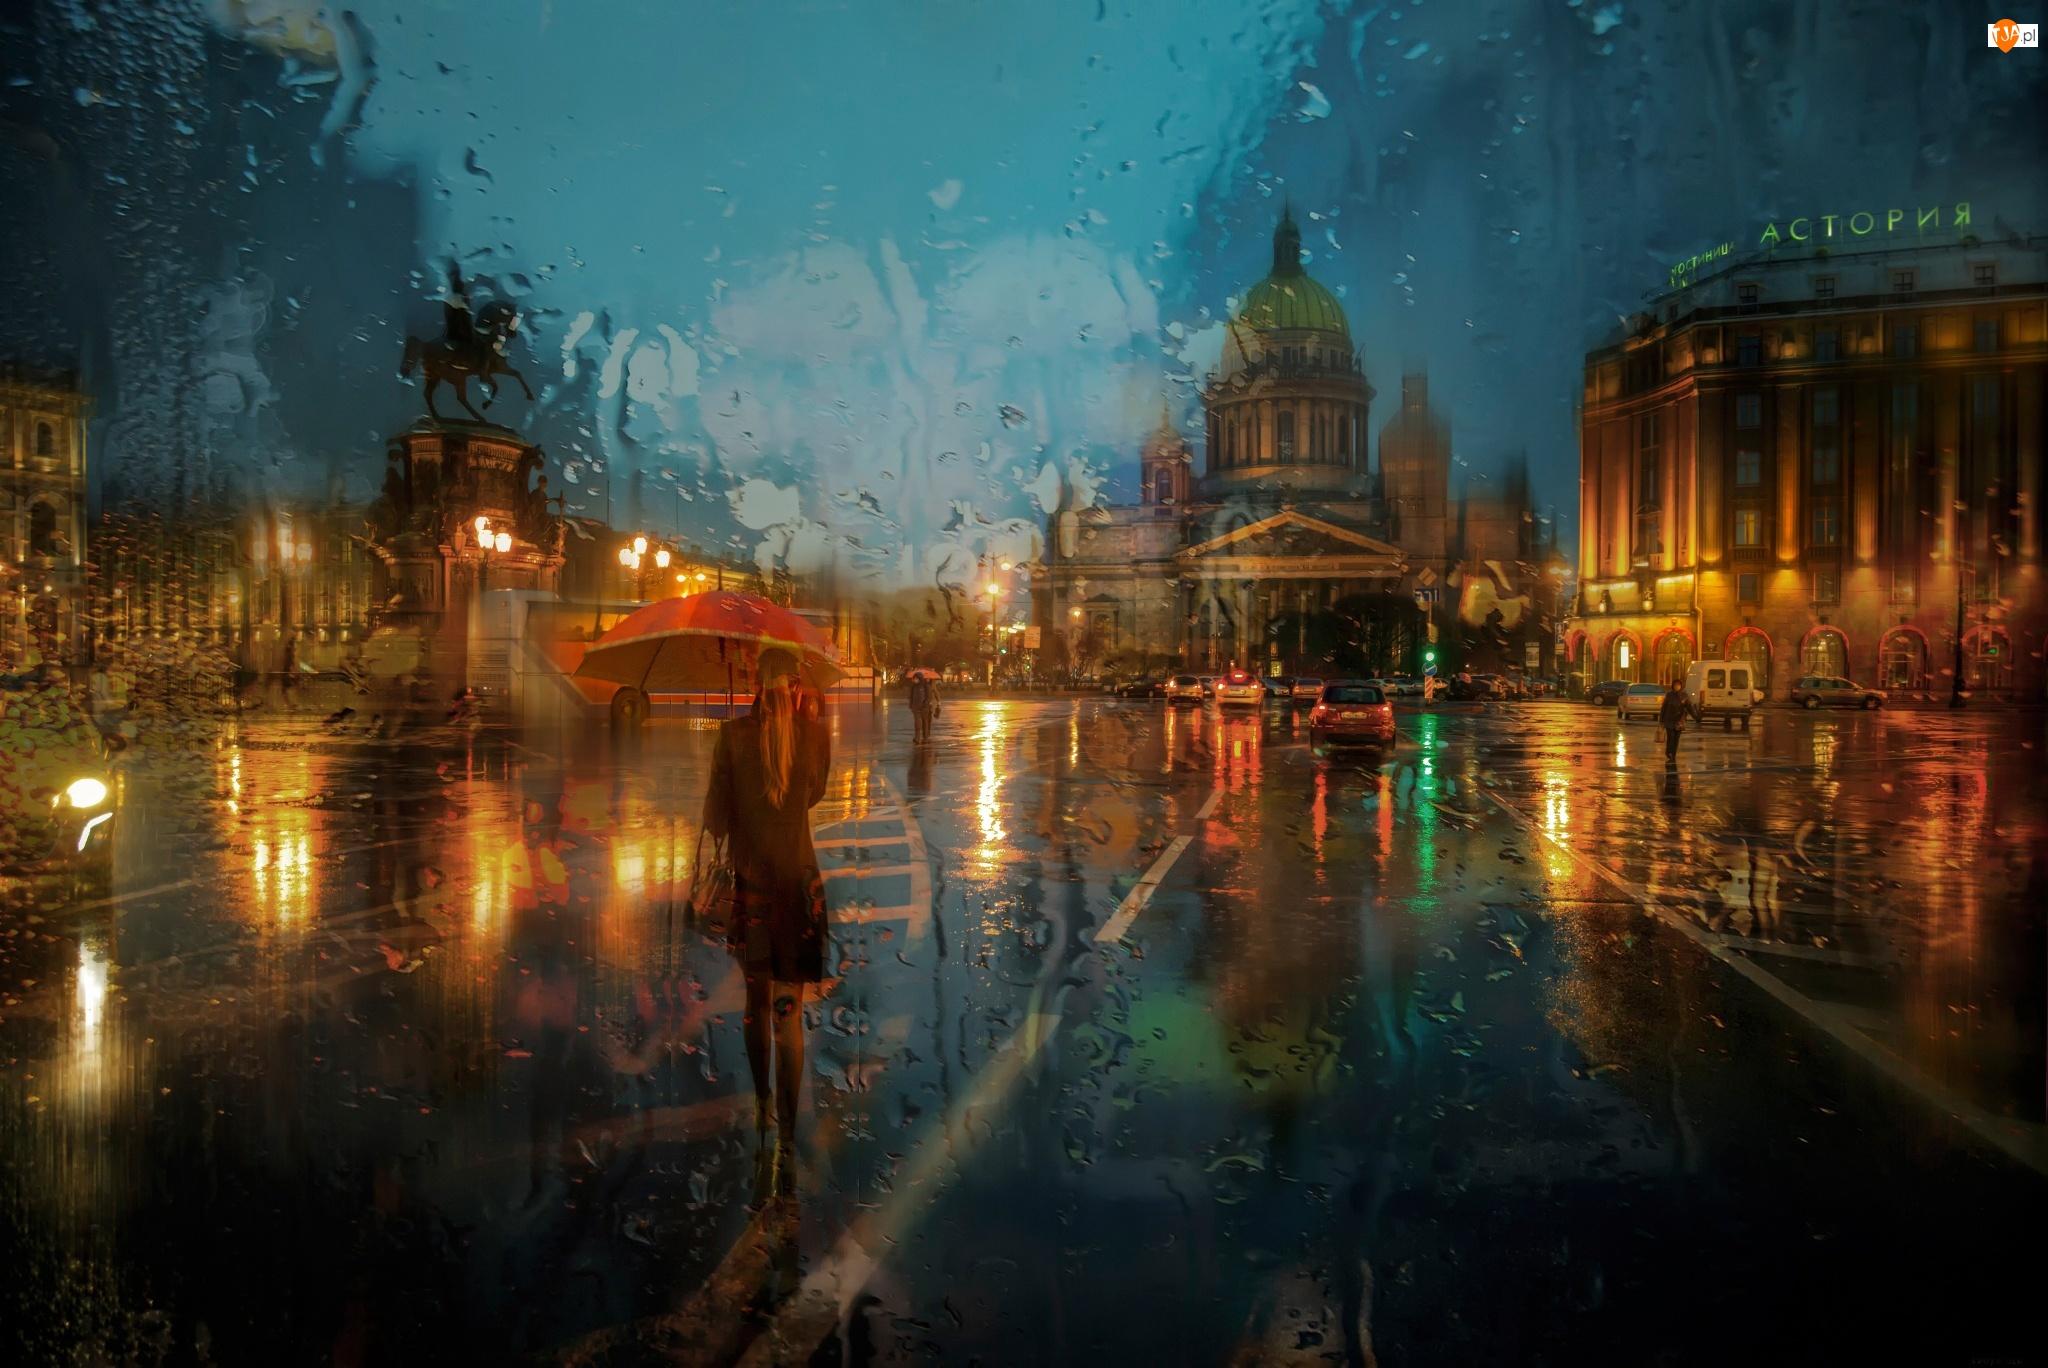 Deszcz, Rosja, ST. Petersburg